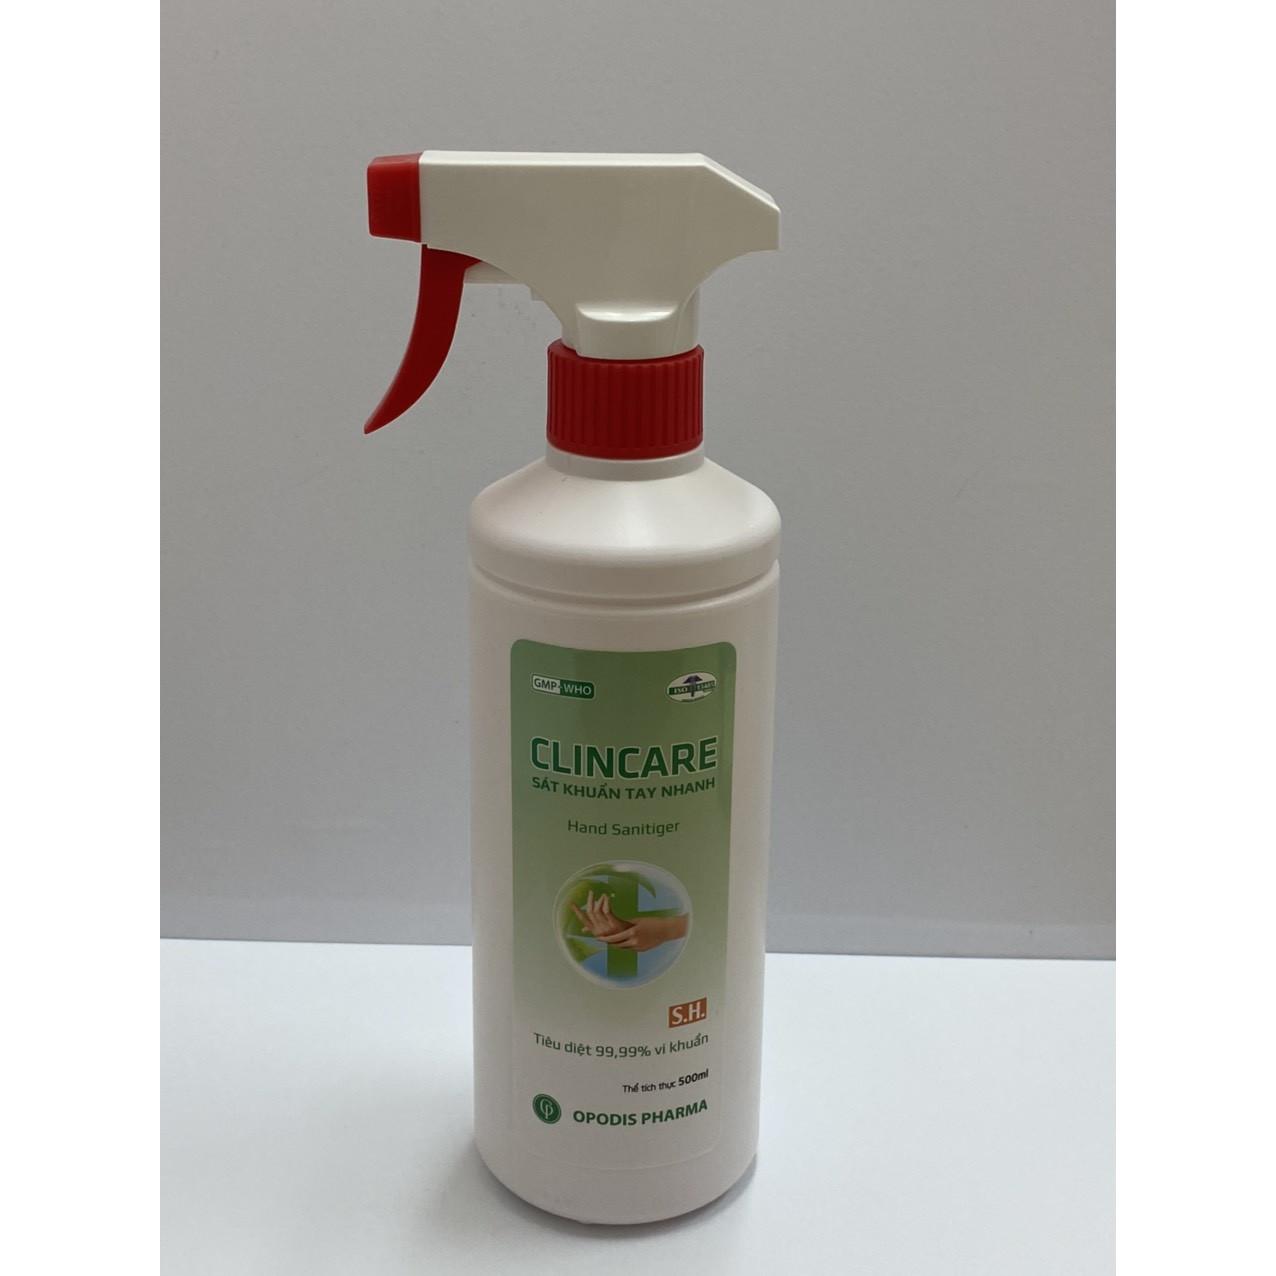 Xịt sát khuẩn tay nhanh khô và bề mặt vật dụng Clincare SH 500ml